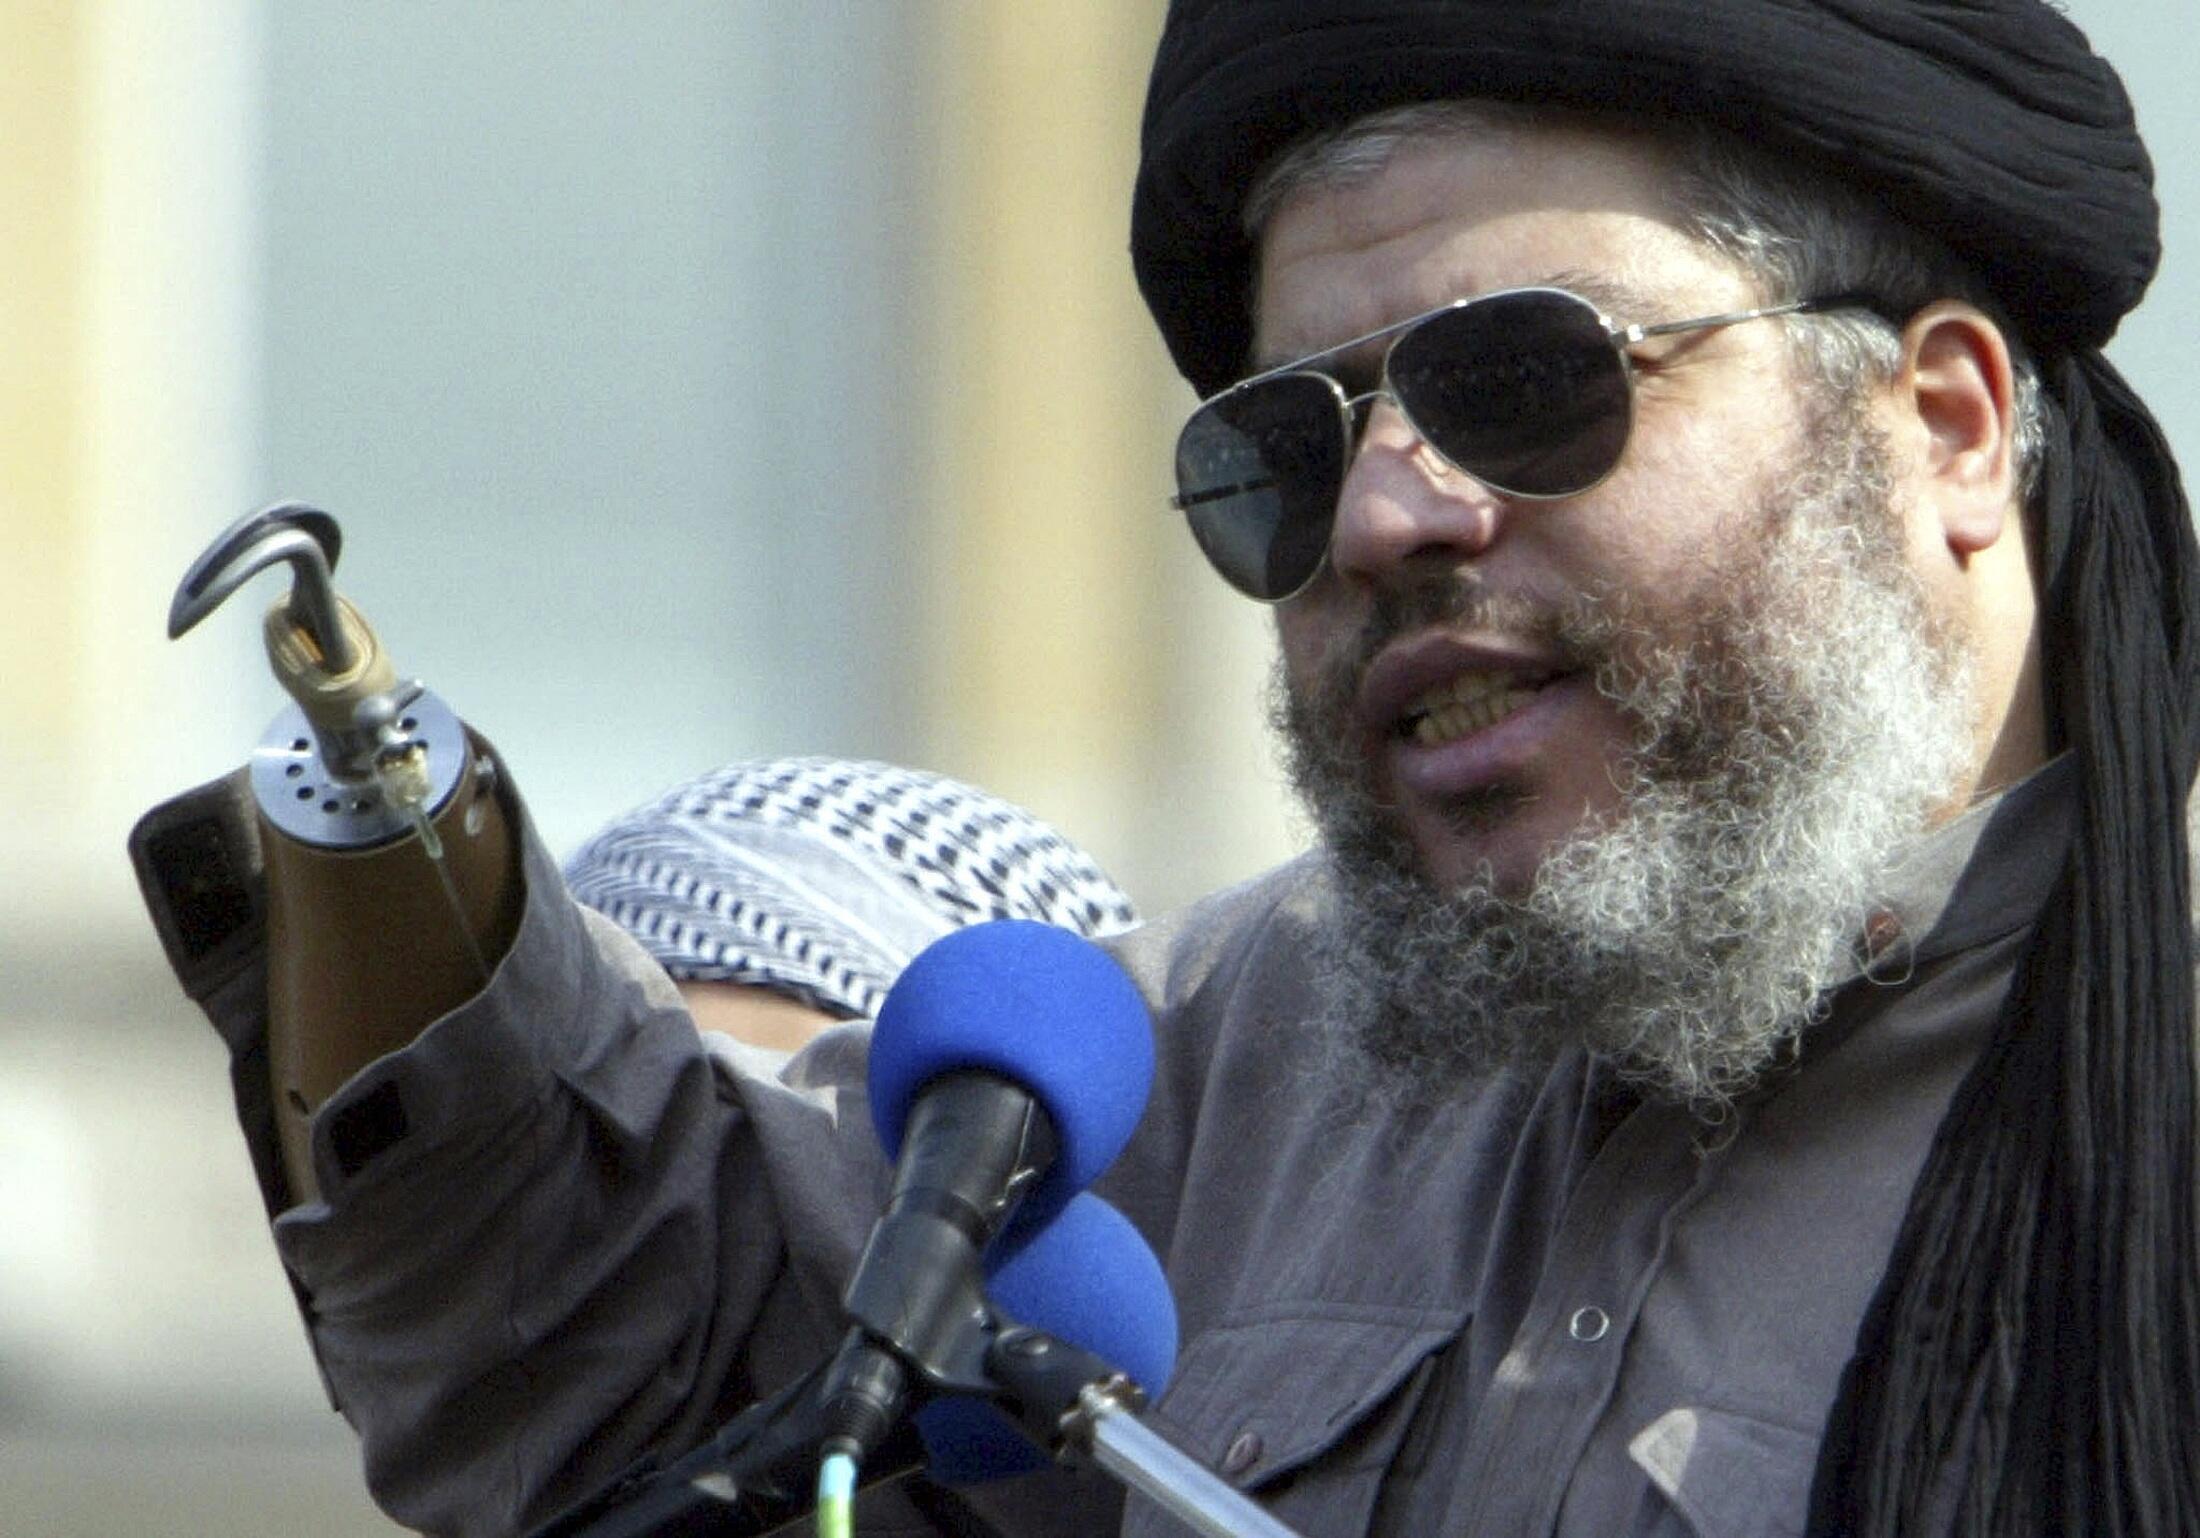 Giáo sĩ Hồi giáo cực đoan Abu Hamza phát biểu trong một cuộc biểu tình của người Hồi giáo tại quảng trường Trafalgar, Luân Đôn ngày 25/08/2012.